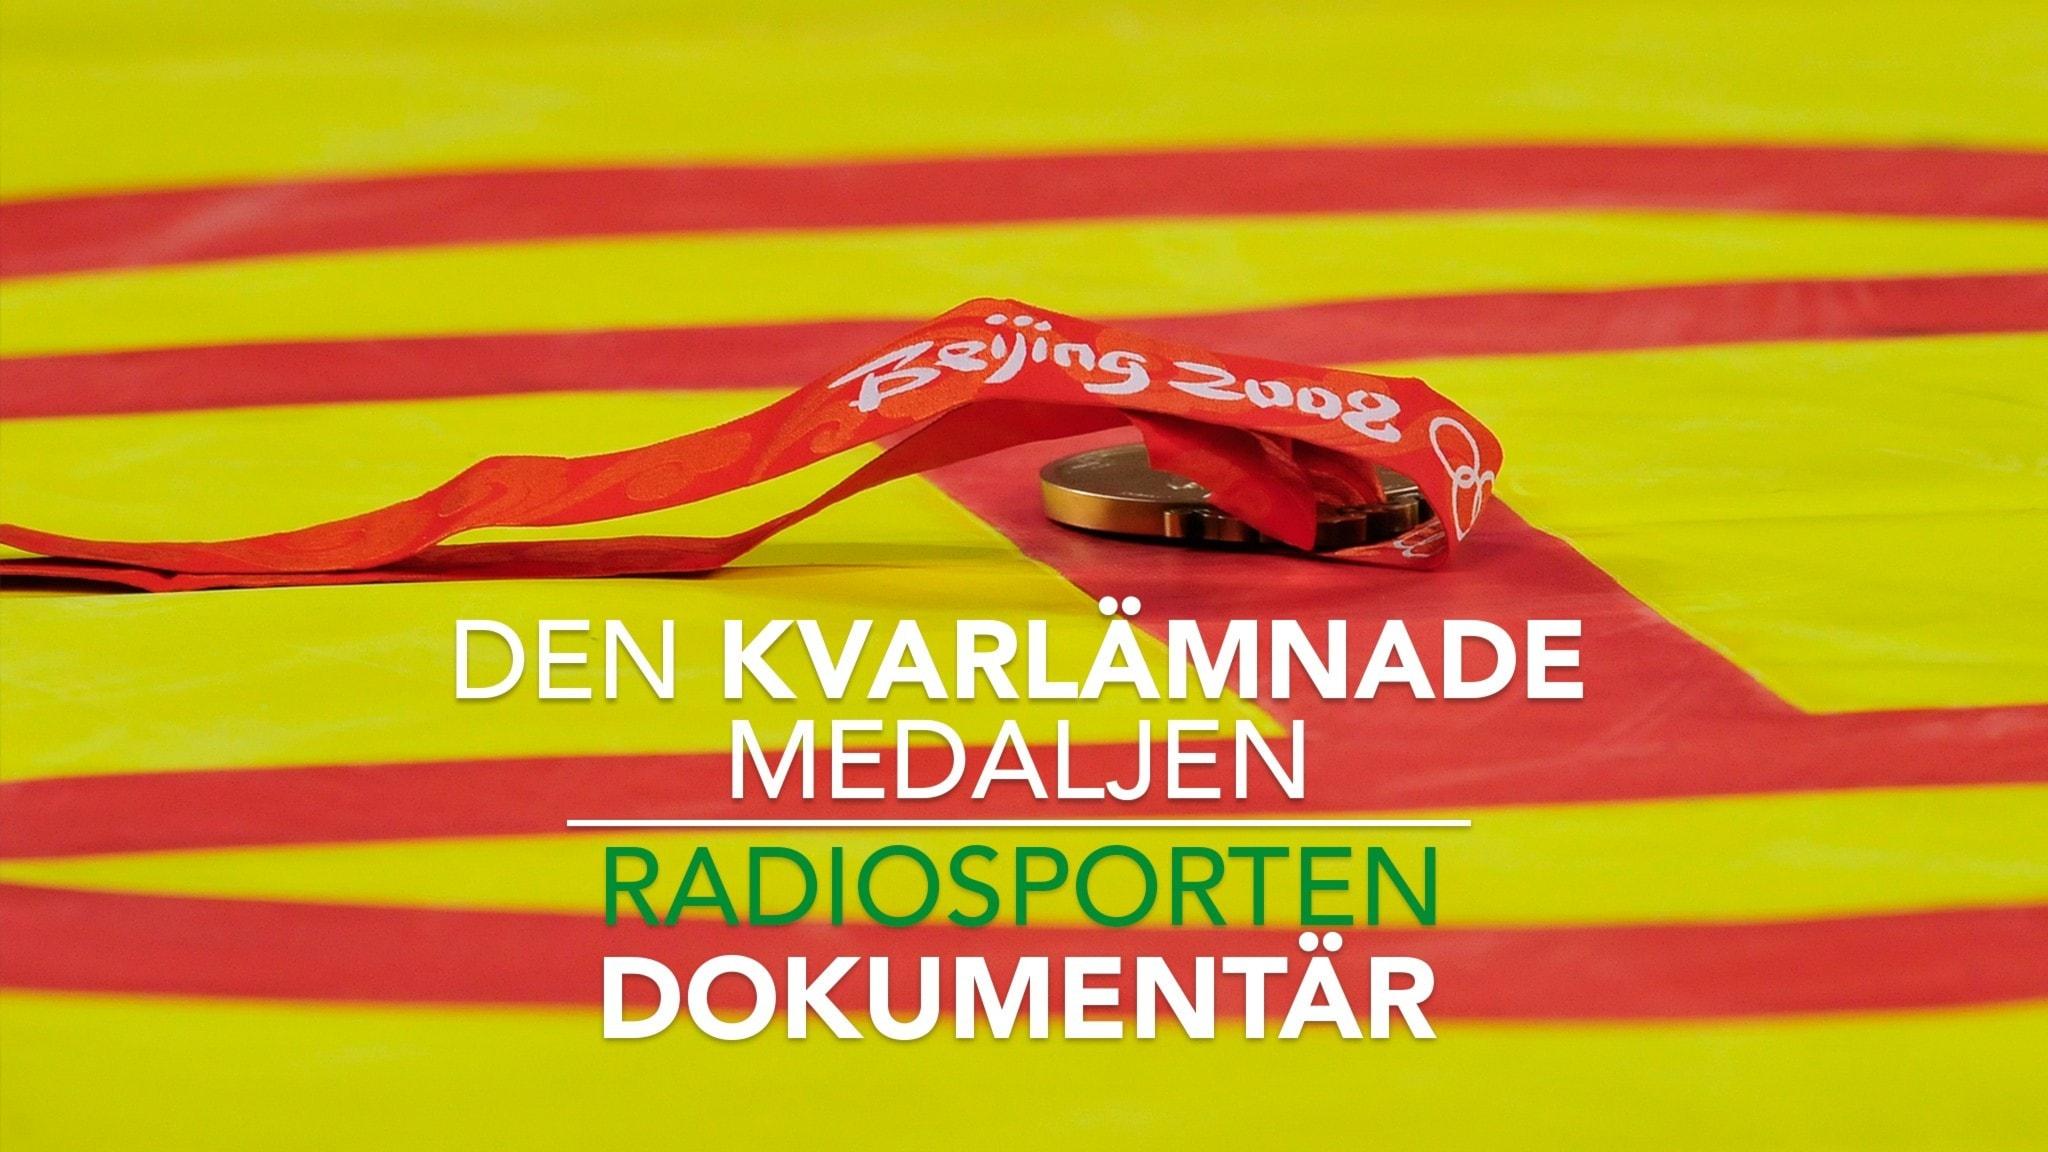 Radiosporten dokumentär: Den kvarlämnade medaljen